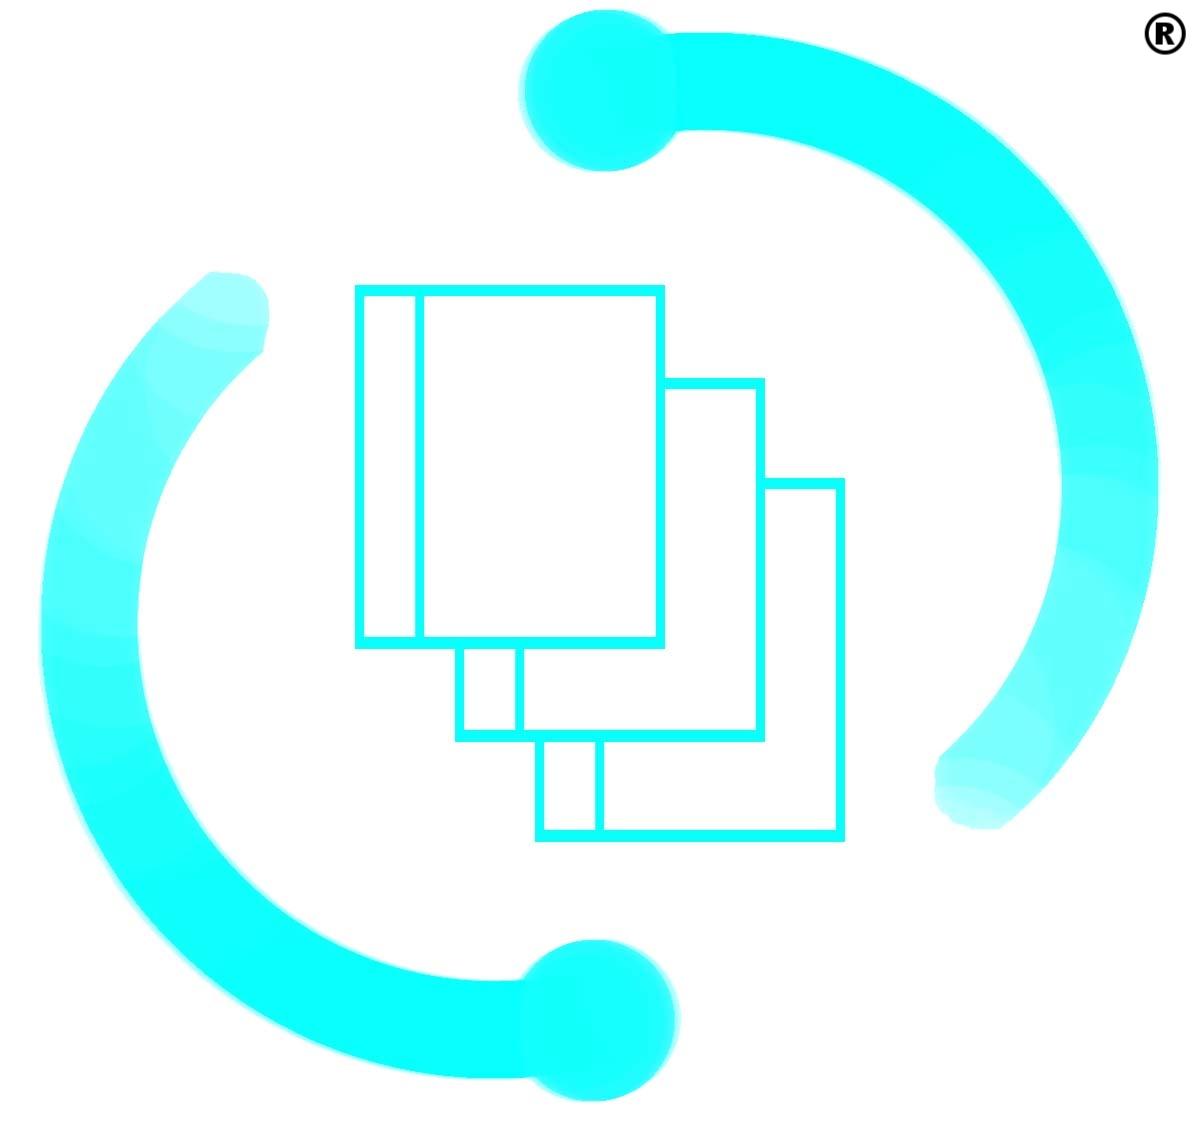 esq_ai_logo.jpg